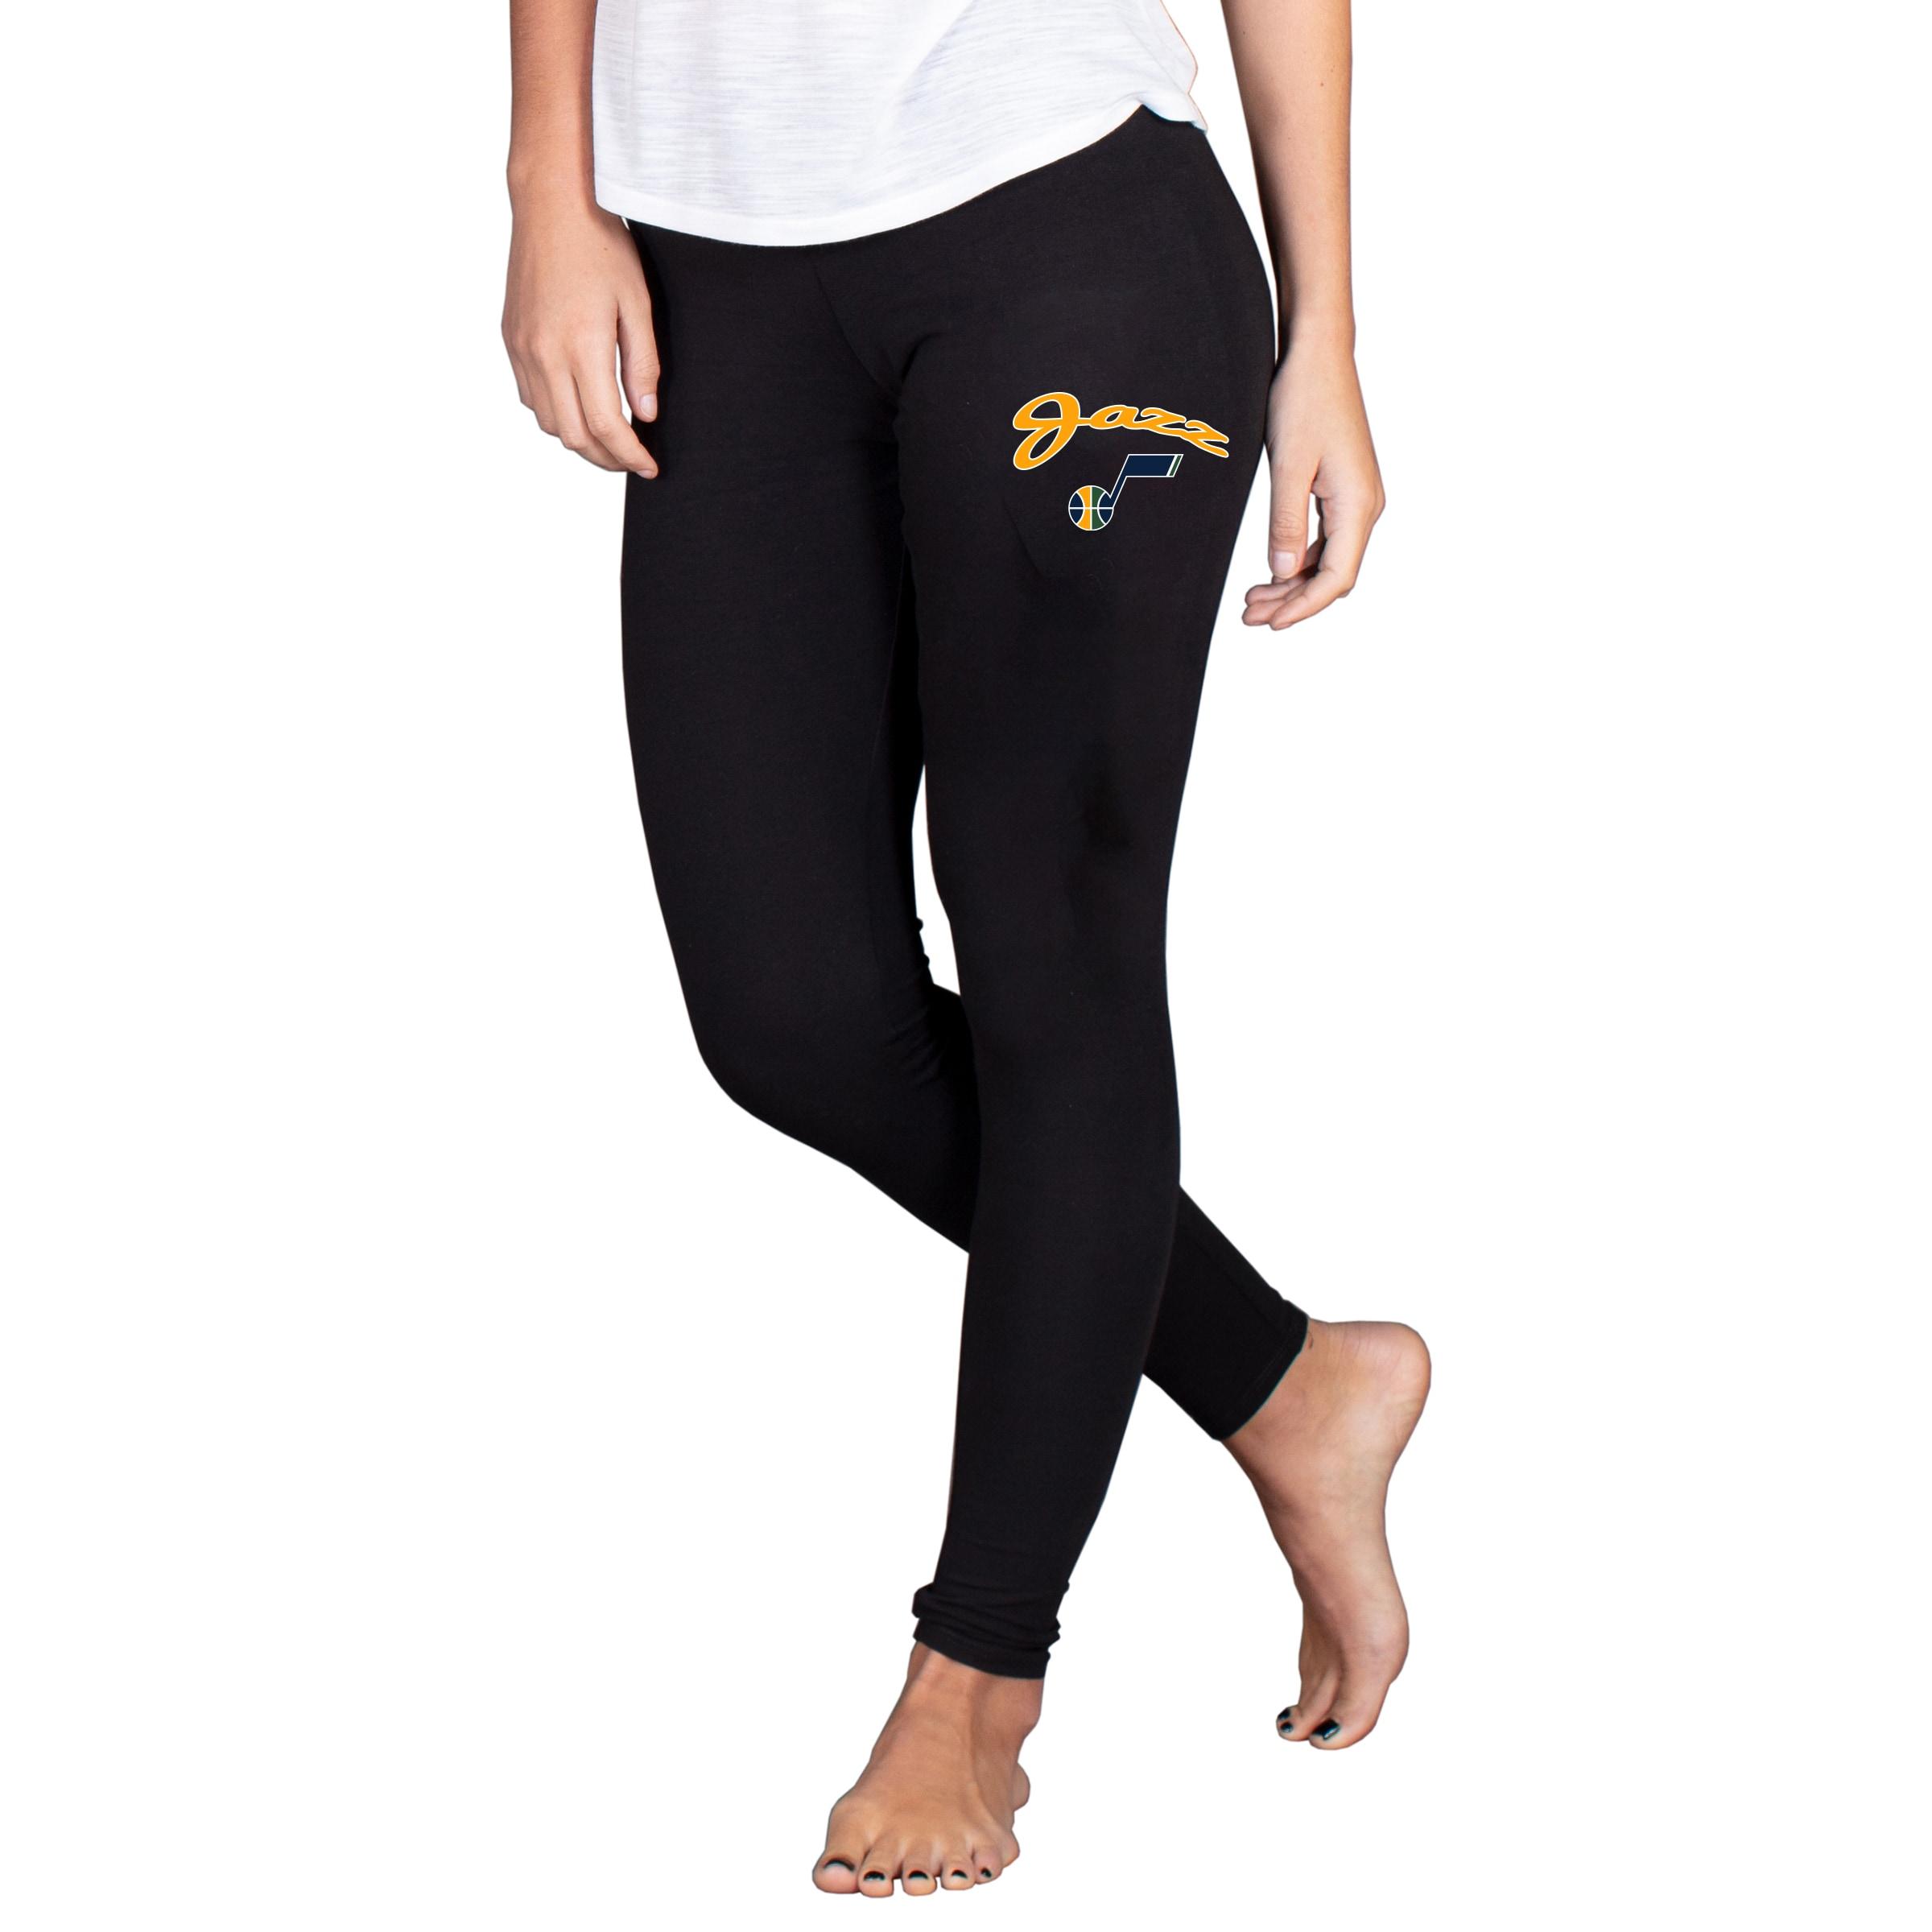 Utah Jazz Concepts Sport Women's Fraction Leggings - Black